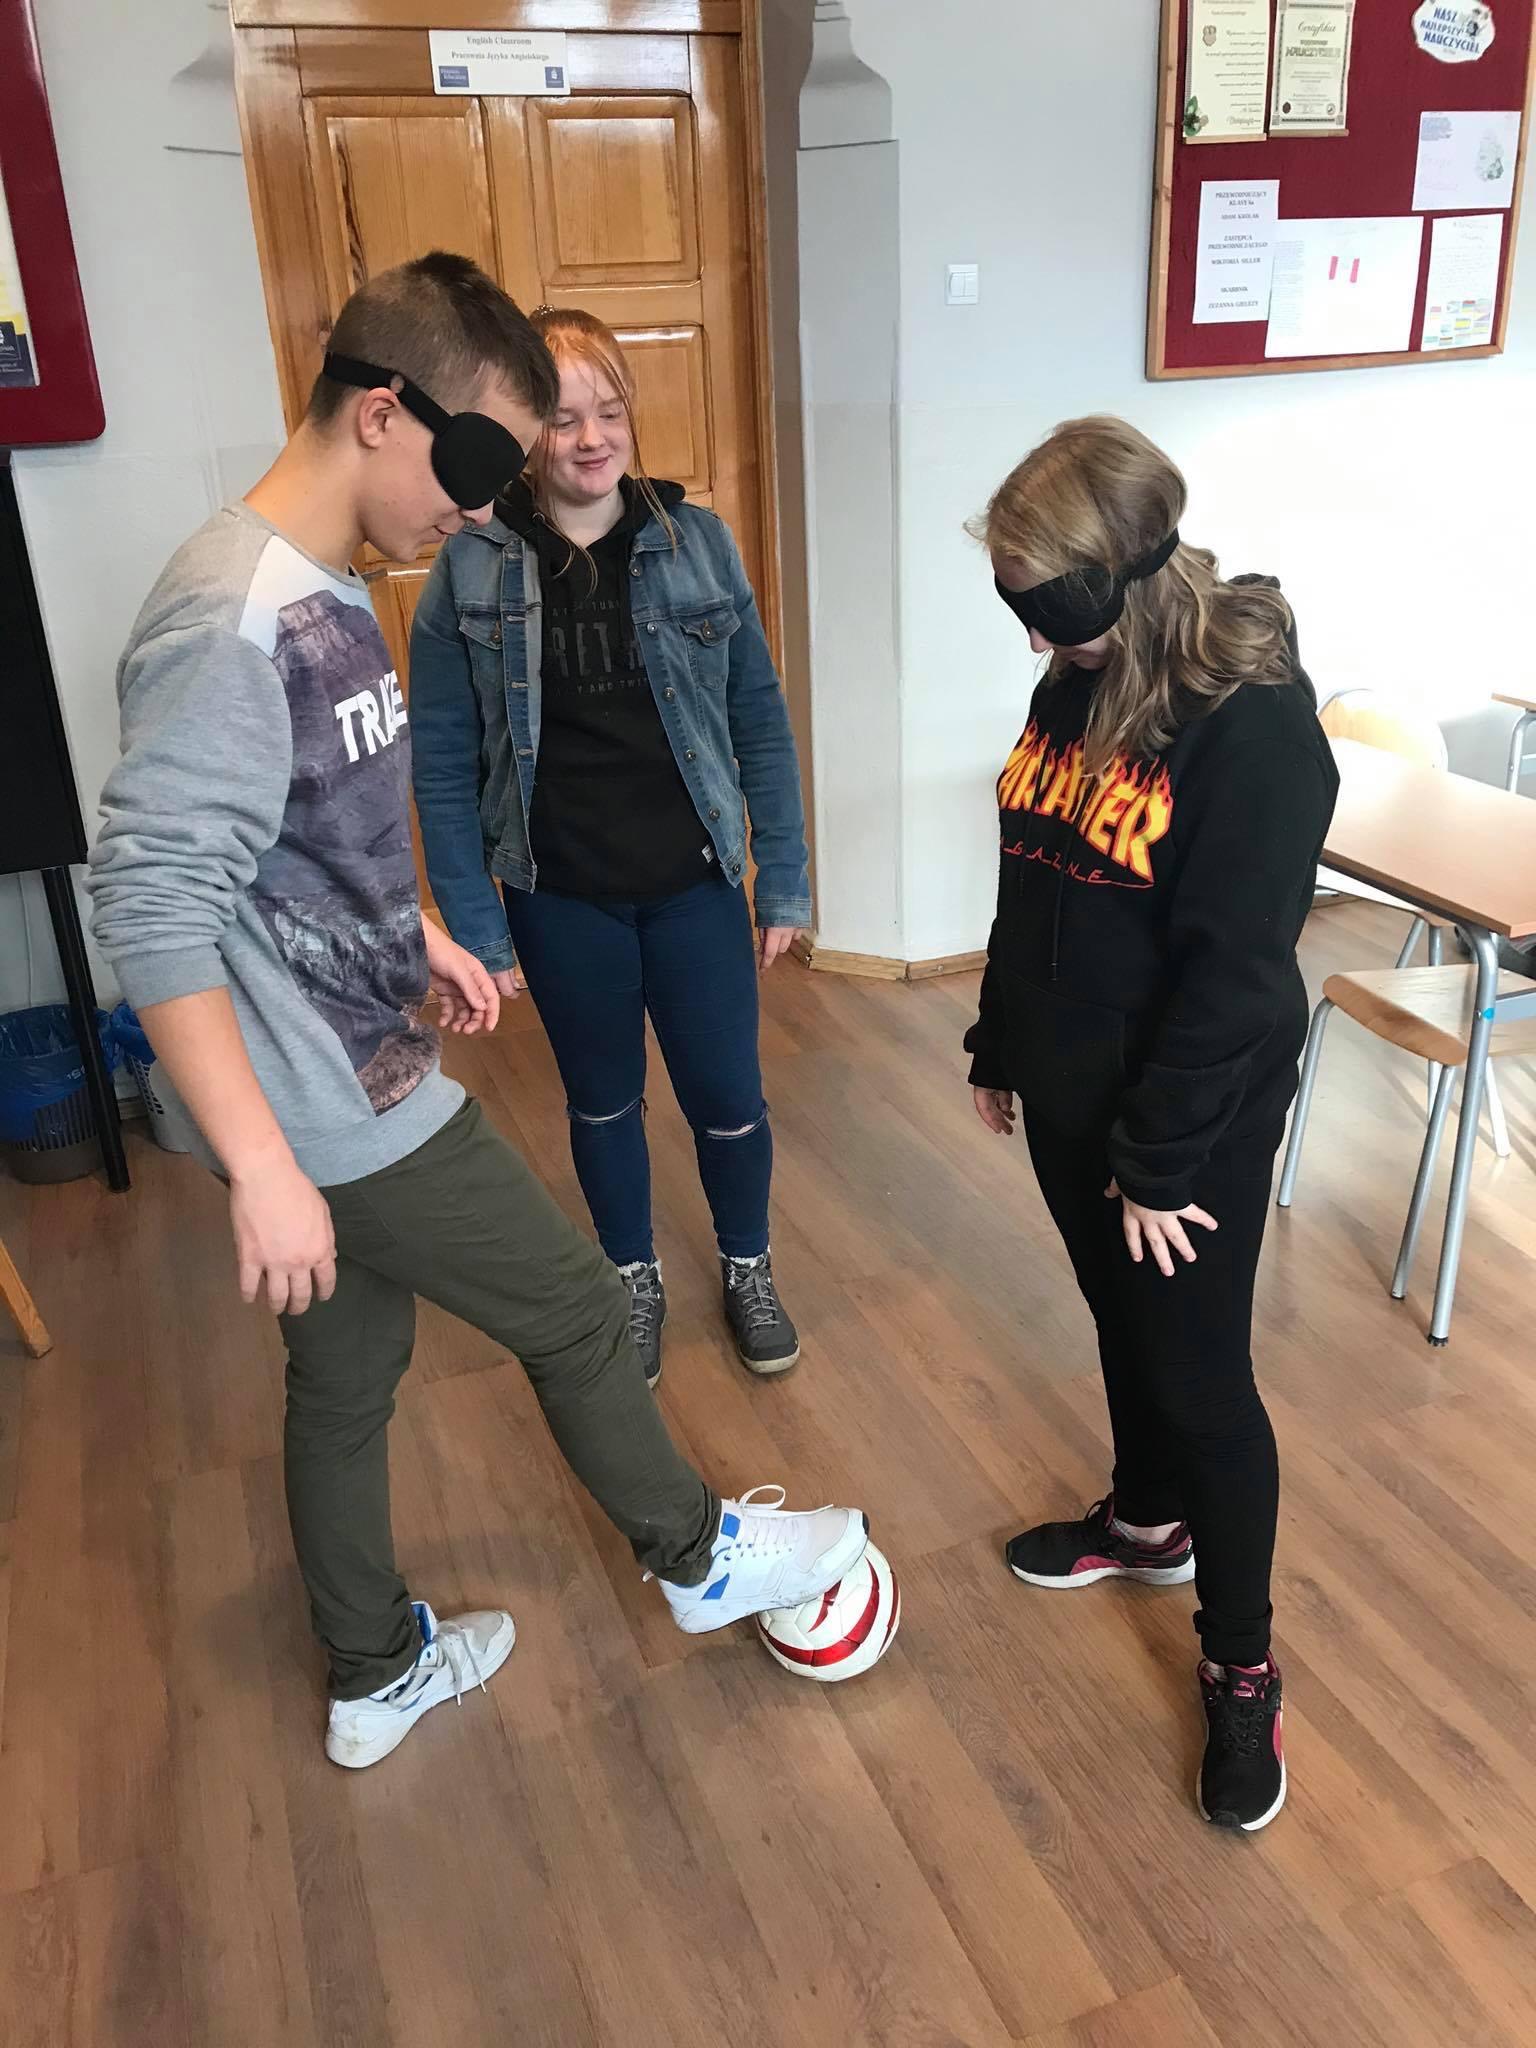 Na zdjęciu dwoje uczniów gra w piłkę nożną z zasłoniętymi oczami, w tle uczennica nadzoruje ich grę.